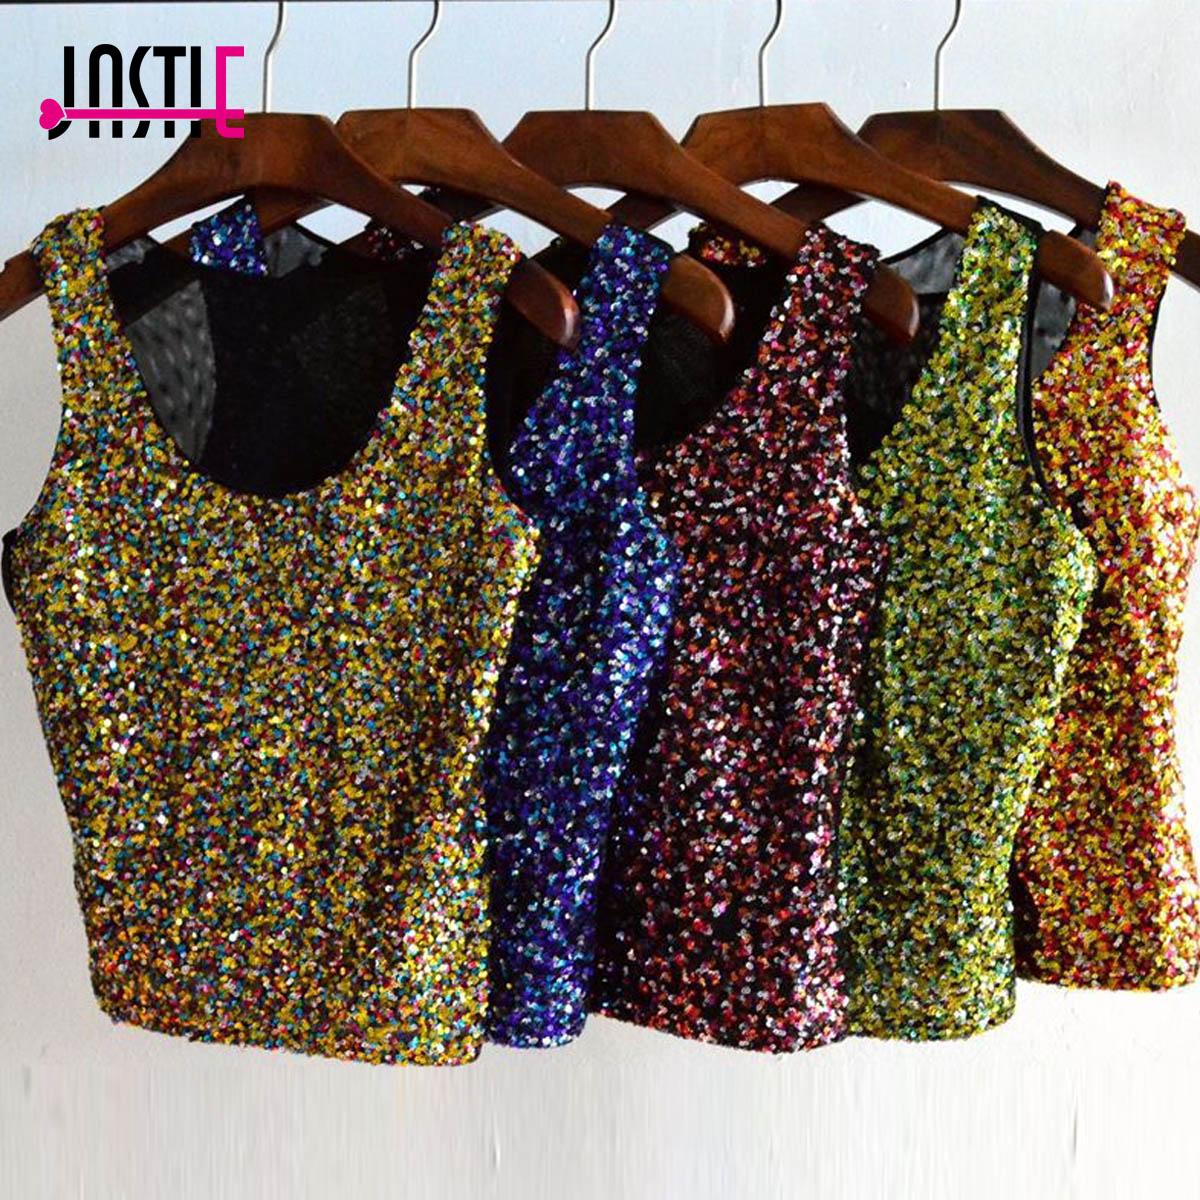 Jastie צבעוני קיץ הגופייה הנשים Sparkle פאייטים Vest חולצות טריקו מקרית נשים ללא שרוולים קצרים חולצה יבול למעלה Blusa